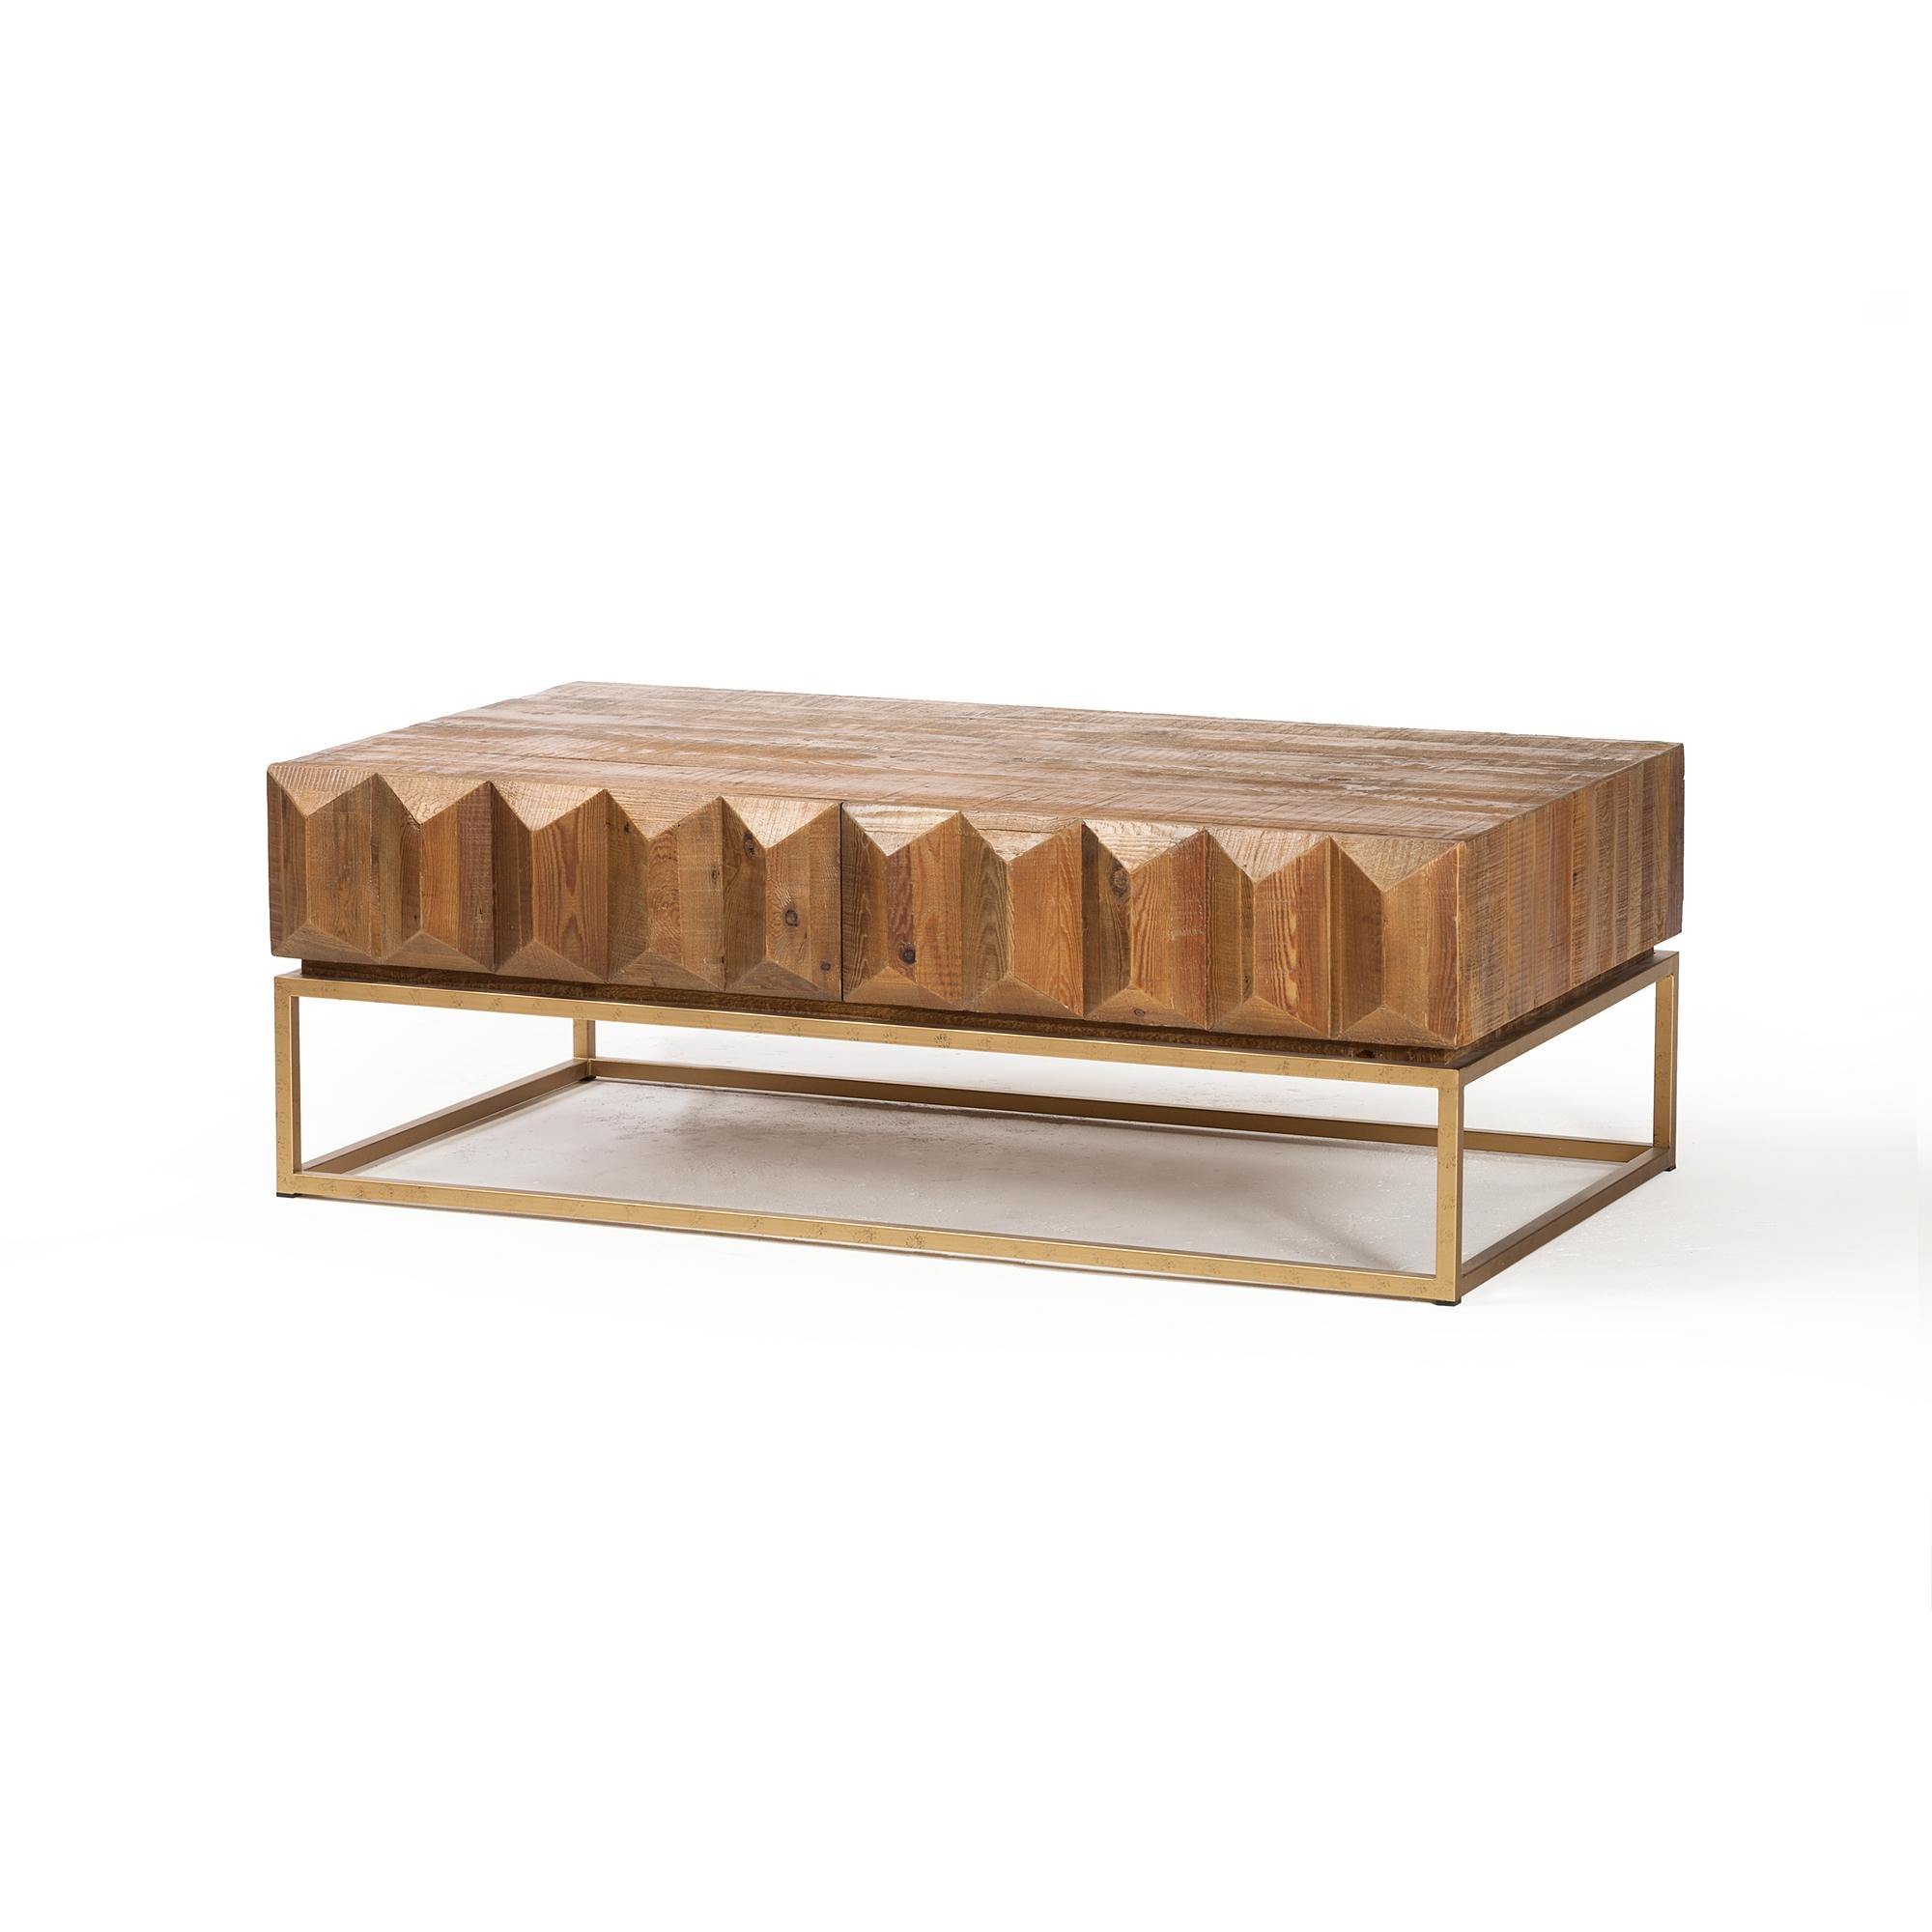 Horus Reclaimed Pine Coffee Table, The Khazana Home Austin Furniture Store